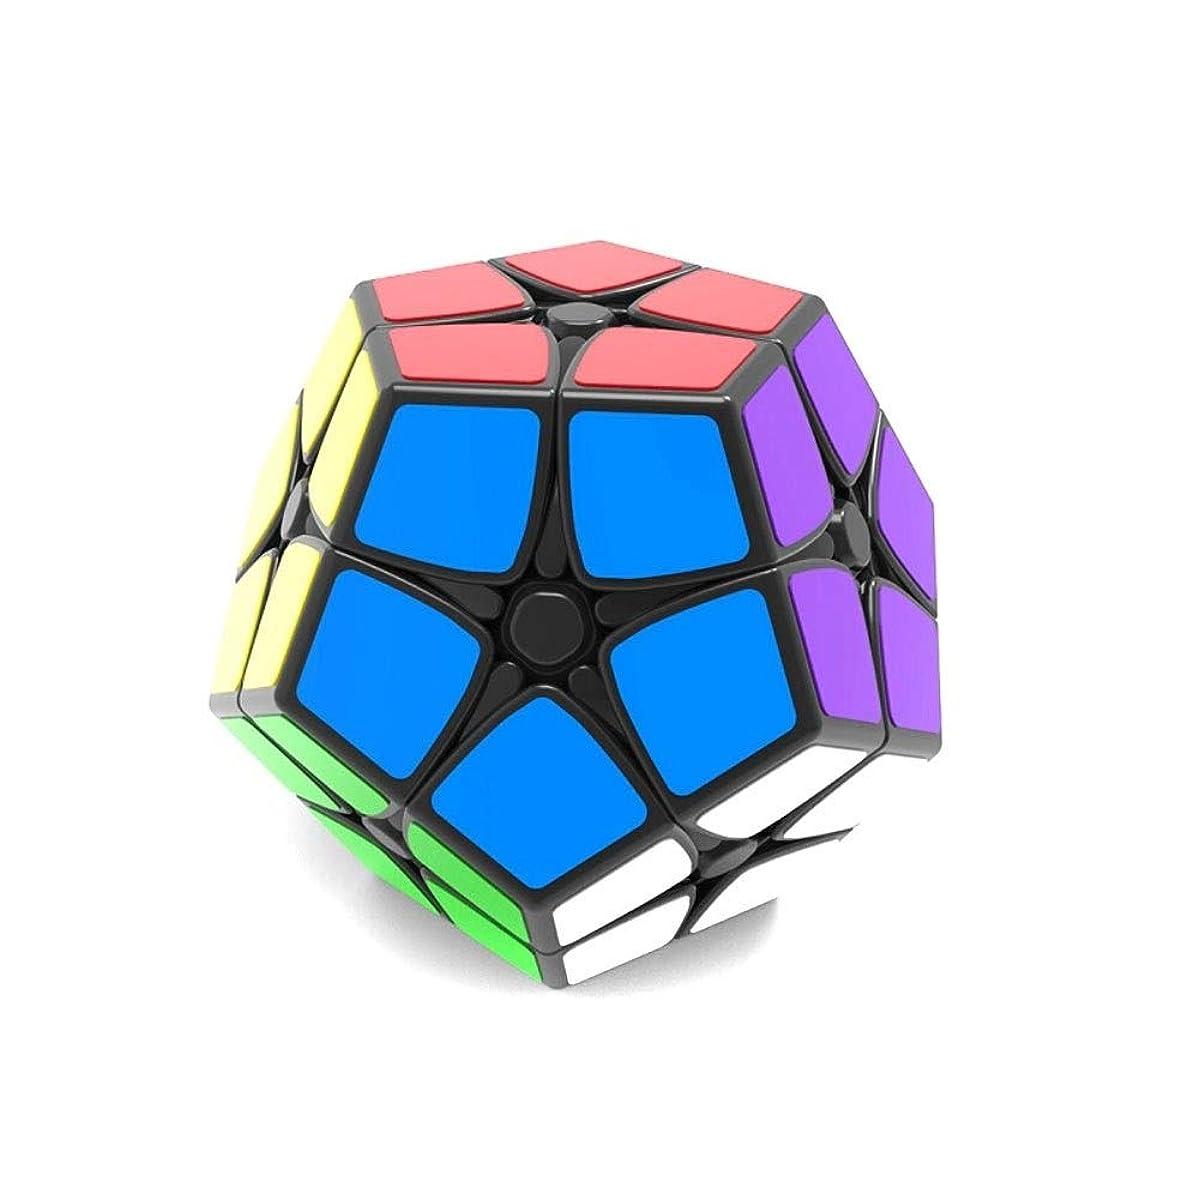 思春期約設定ゴージャス高品質のABS素材で作られたルービックキューブ、3次の不規則なルービックキューブセットで作られた、2次斜めスムージング玩具のためのギフトとして使用可能 (Edition : Second order)